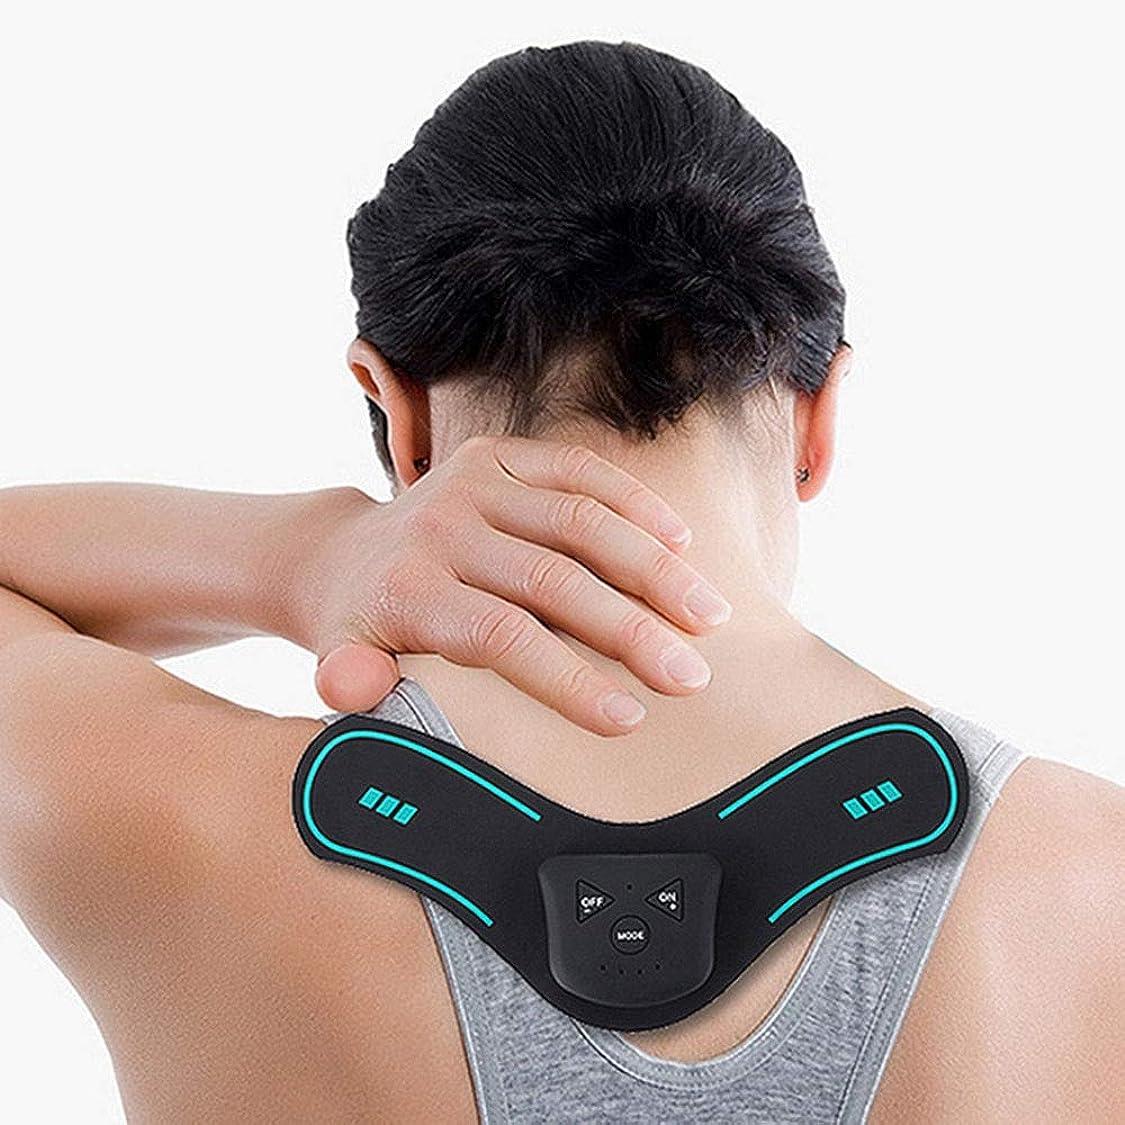 知っているに立ち寄るスラッシュ残酷な多機能の理性的な充満肩および首のマッサージの器械の小型脈拍の肩のマッサージ (色 : ブラック, サイズ : ワンサイズ)